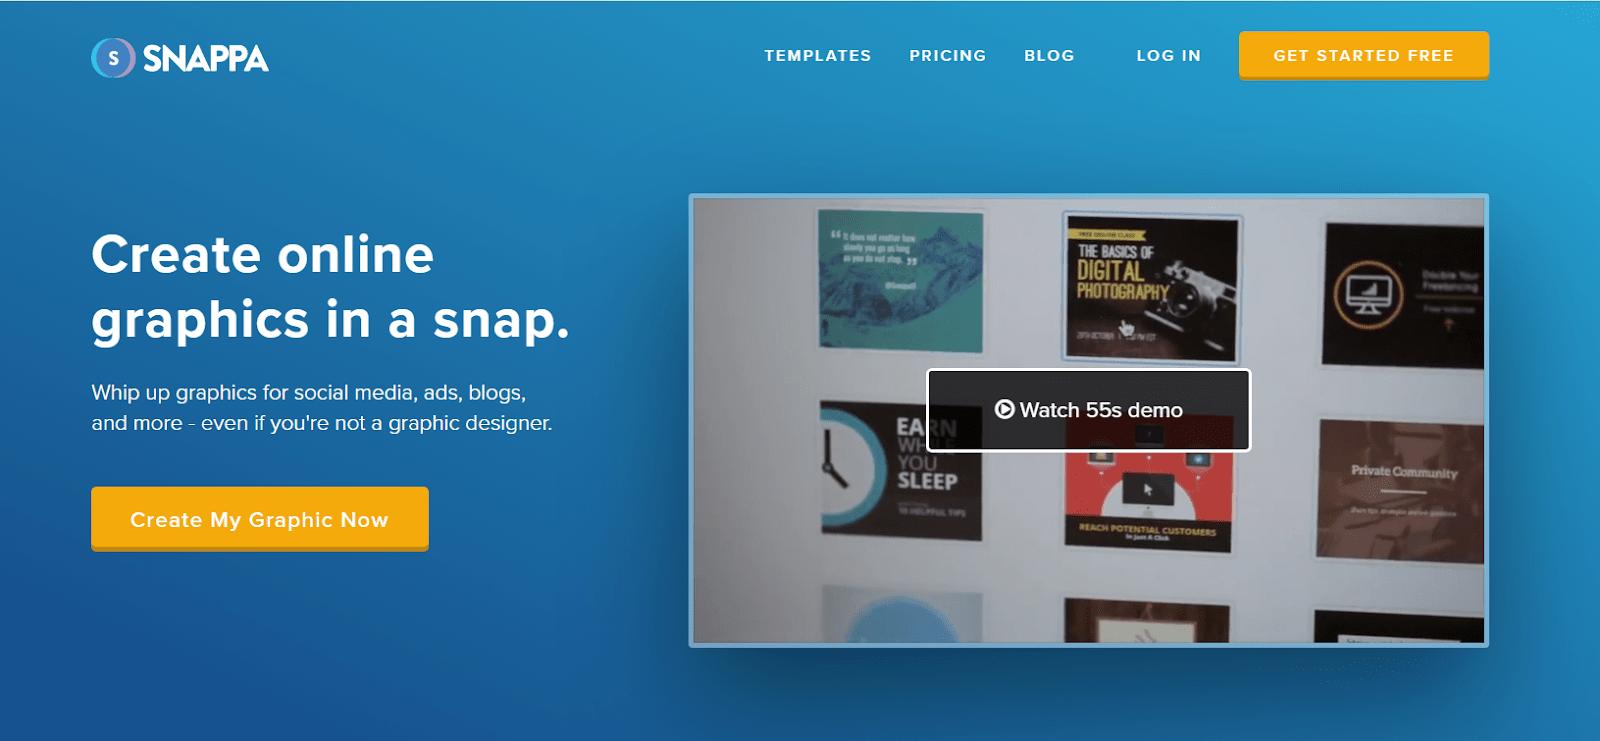 Призыв к действию от сервиса Snappa — «Создать мою графику сейчас»